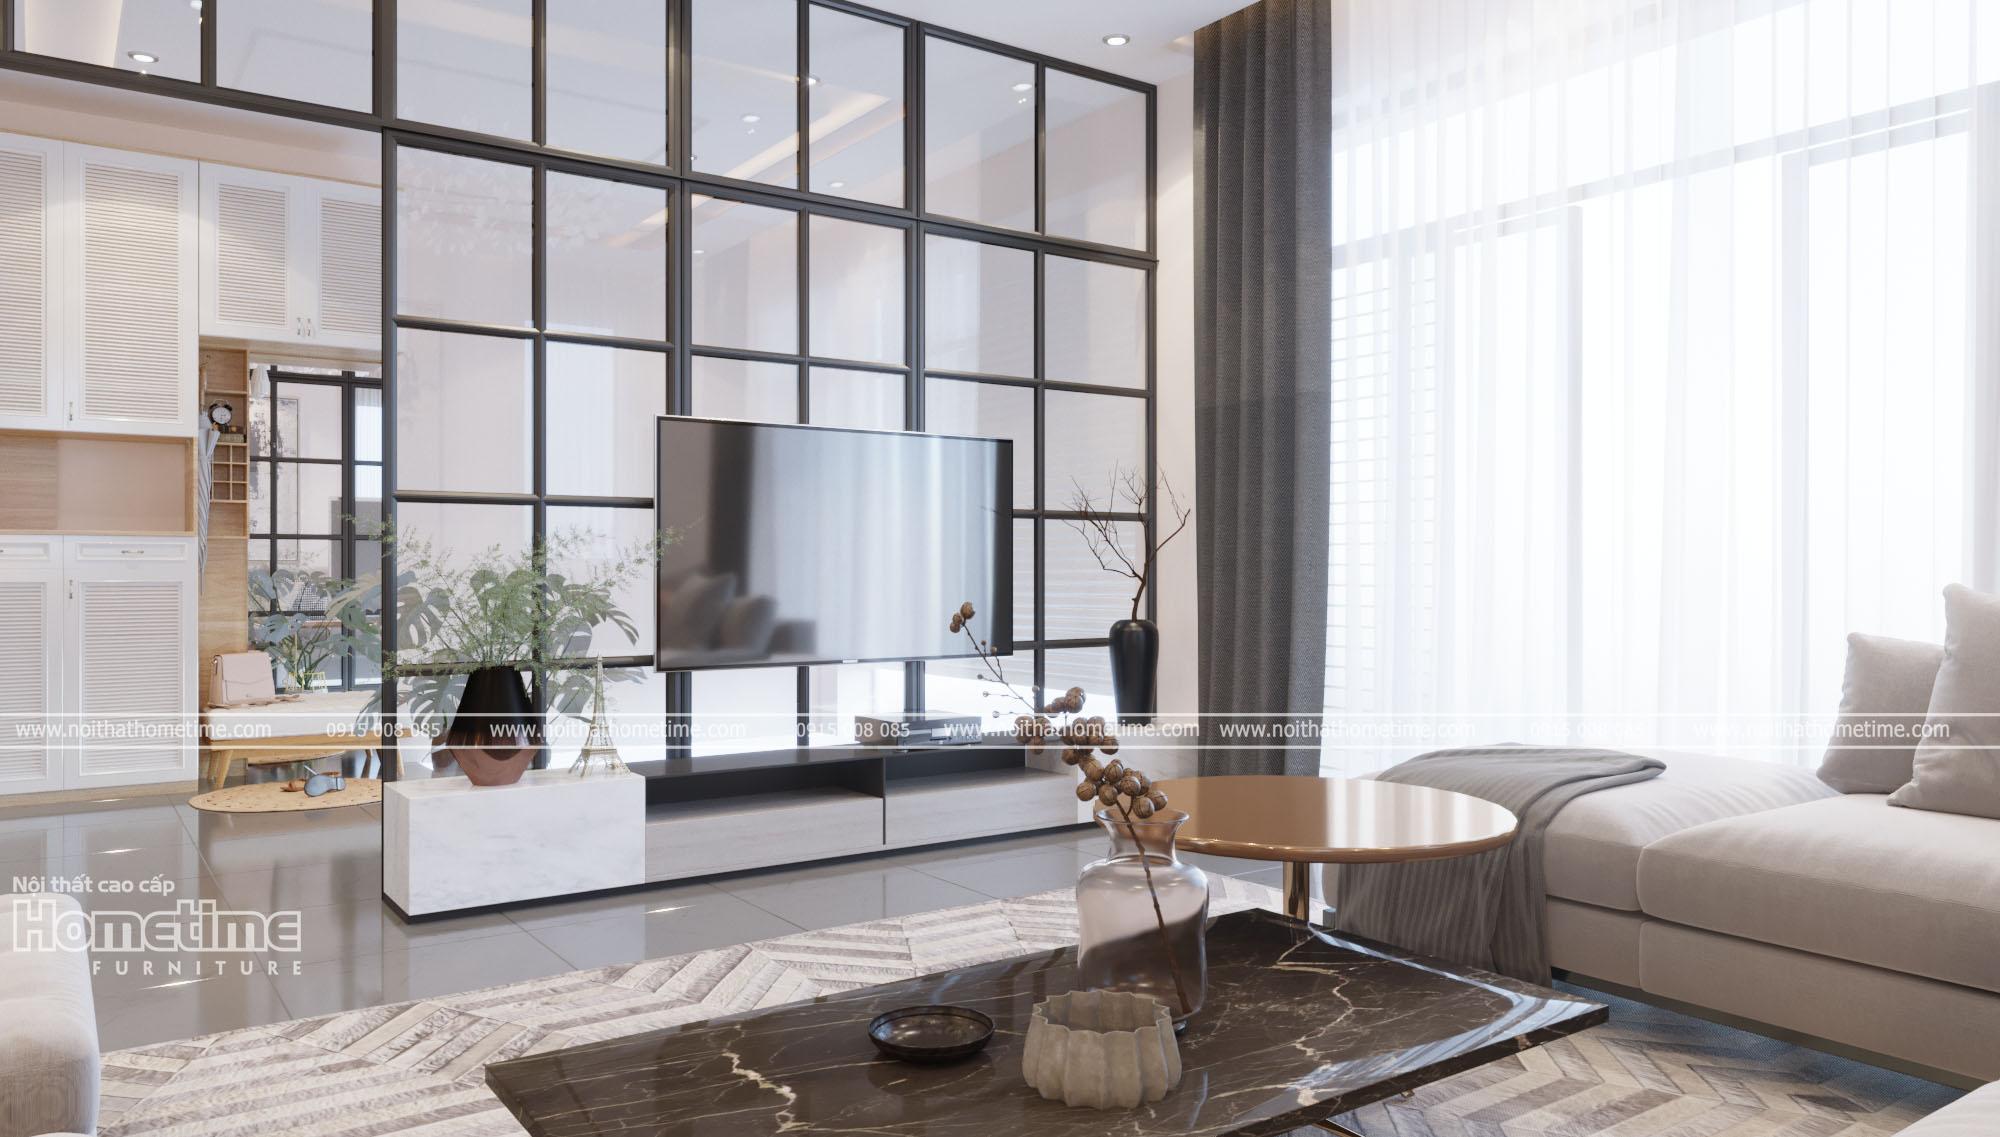 Thiết kế nội thất phòng kháchsang trọng, kiểu dáng đơn giản